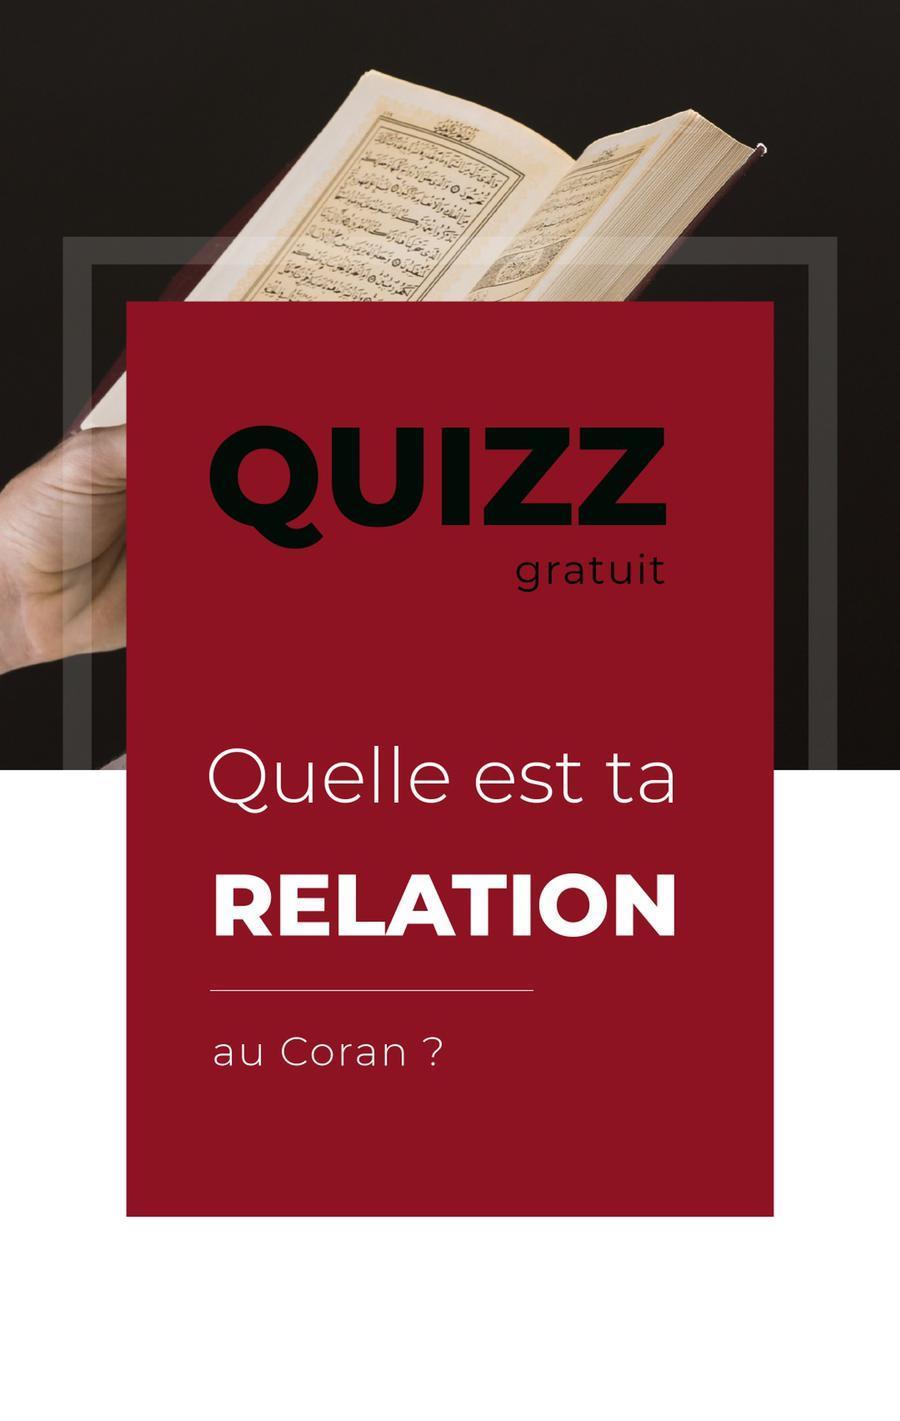 Quizz Gratuit : Ma relation avec le Coran